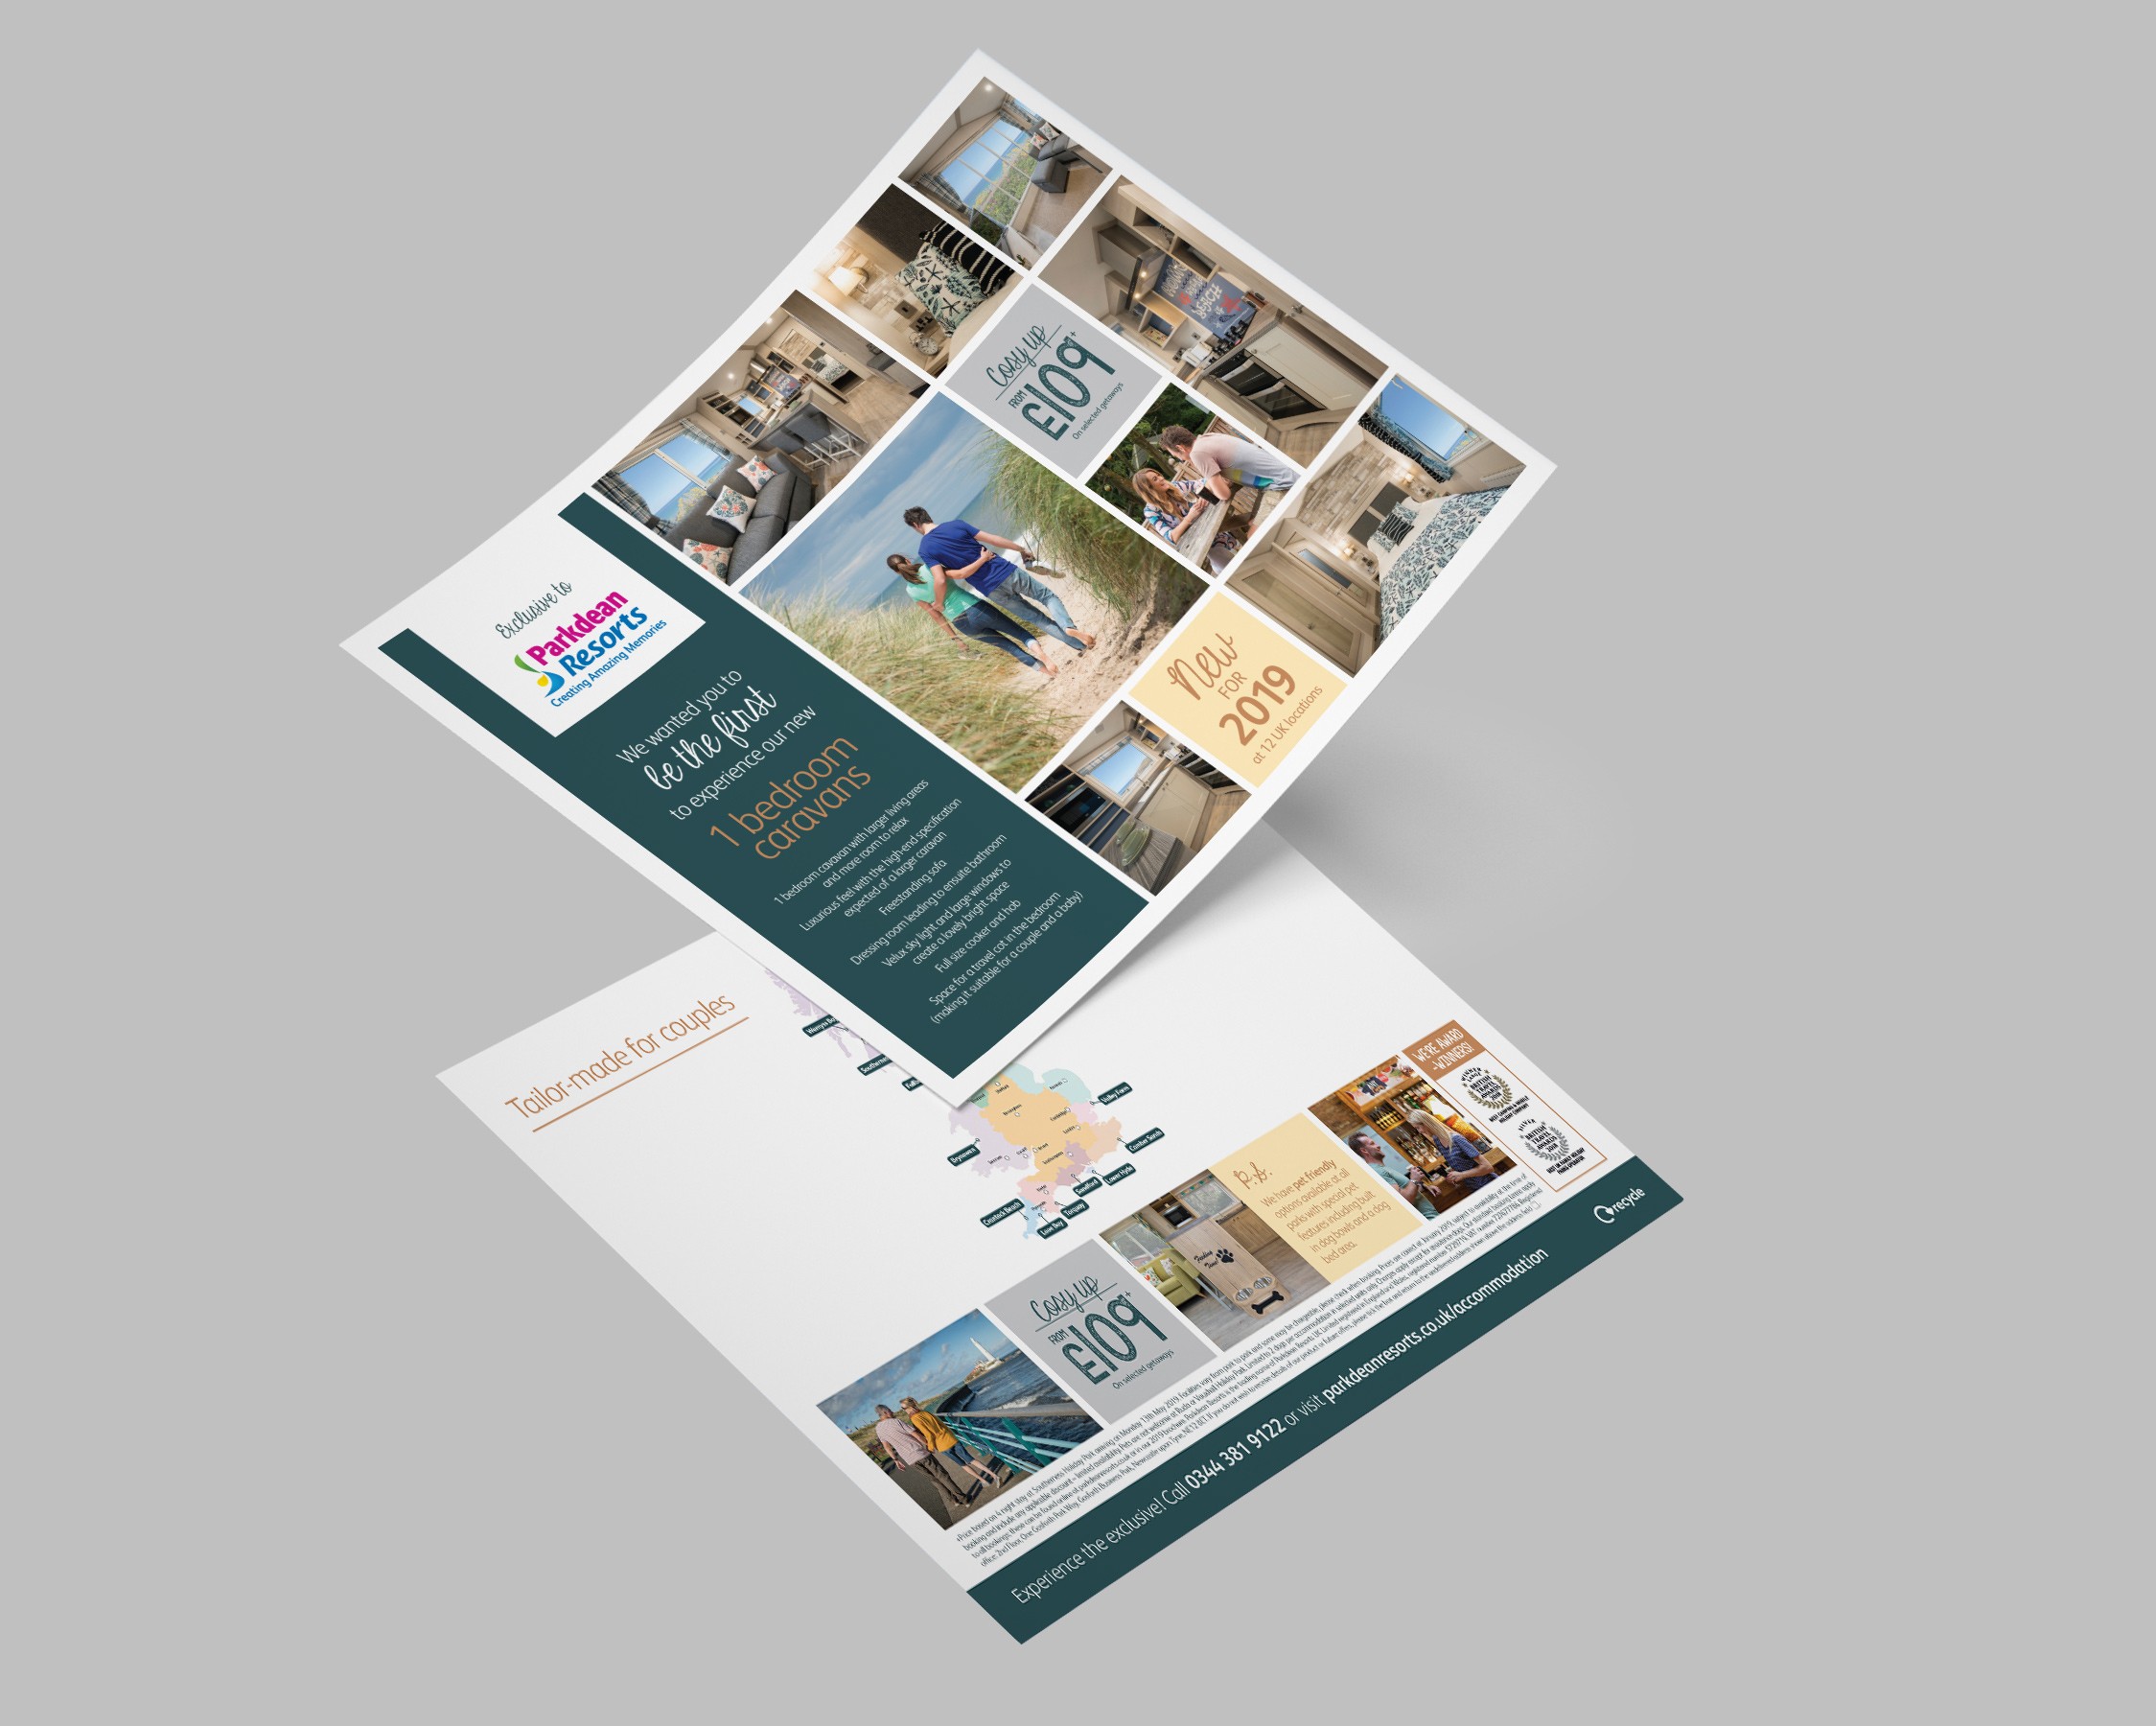 Parkdean Resorts Leaflet Mockup